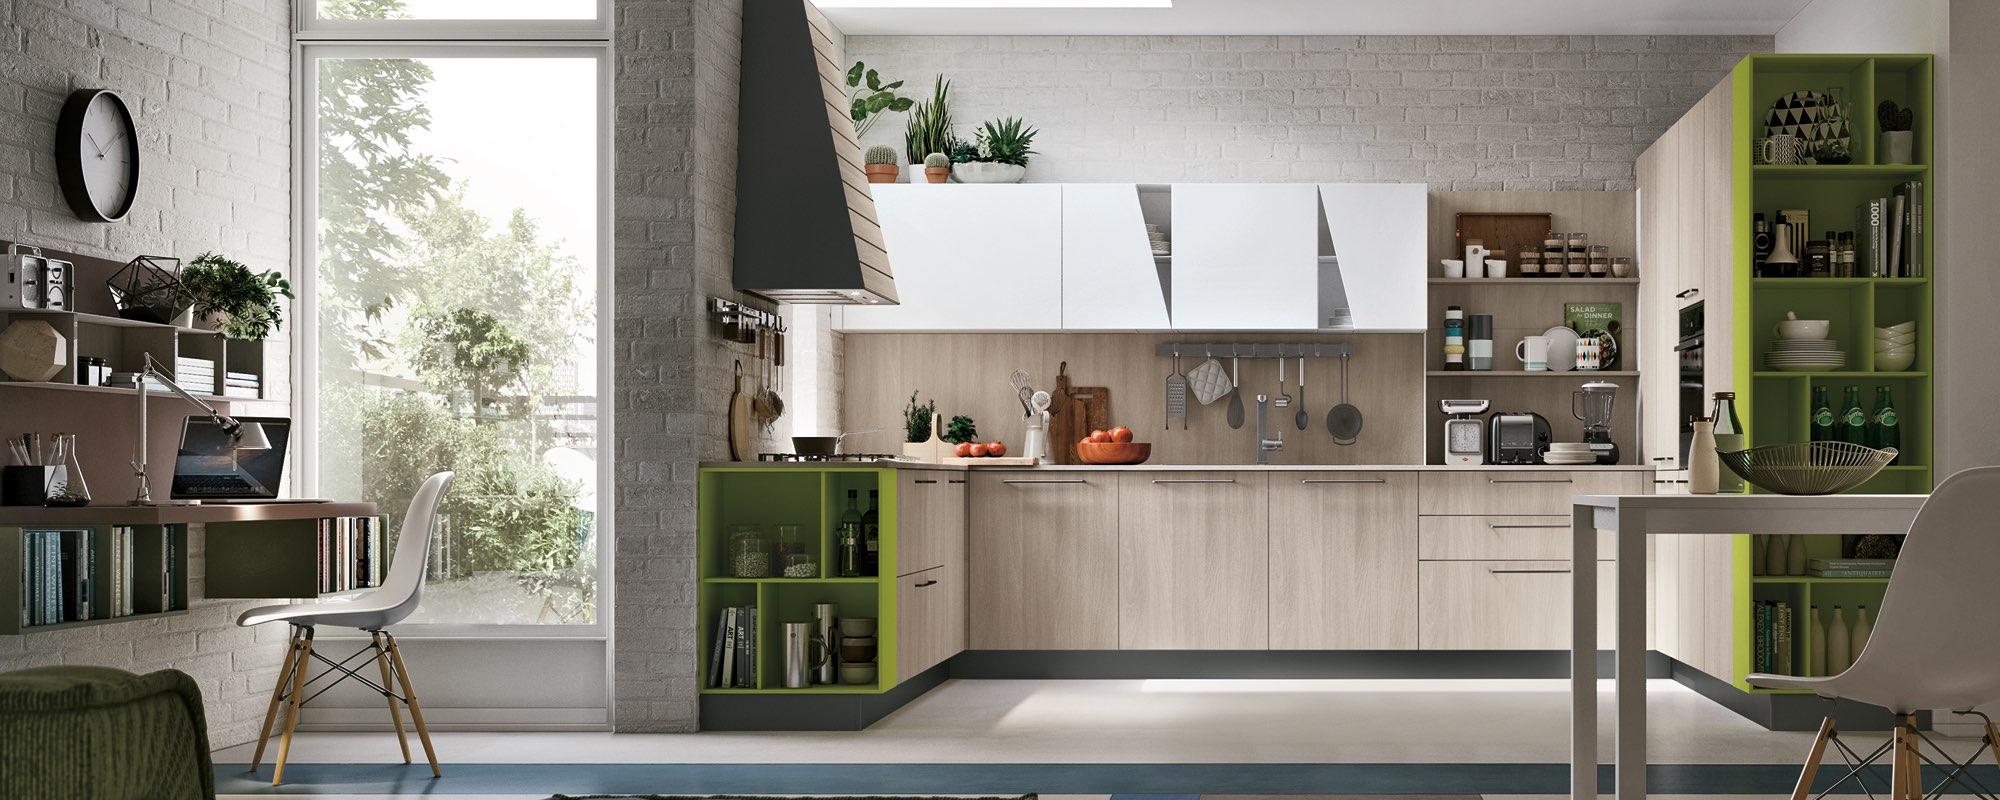 cucina moderna con angolo studio